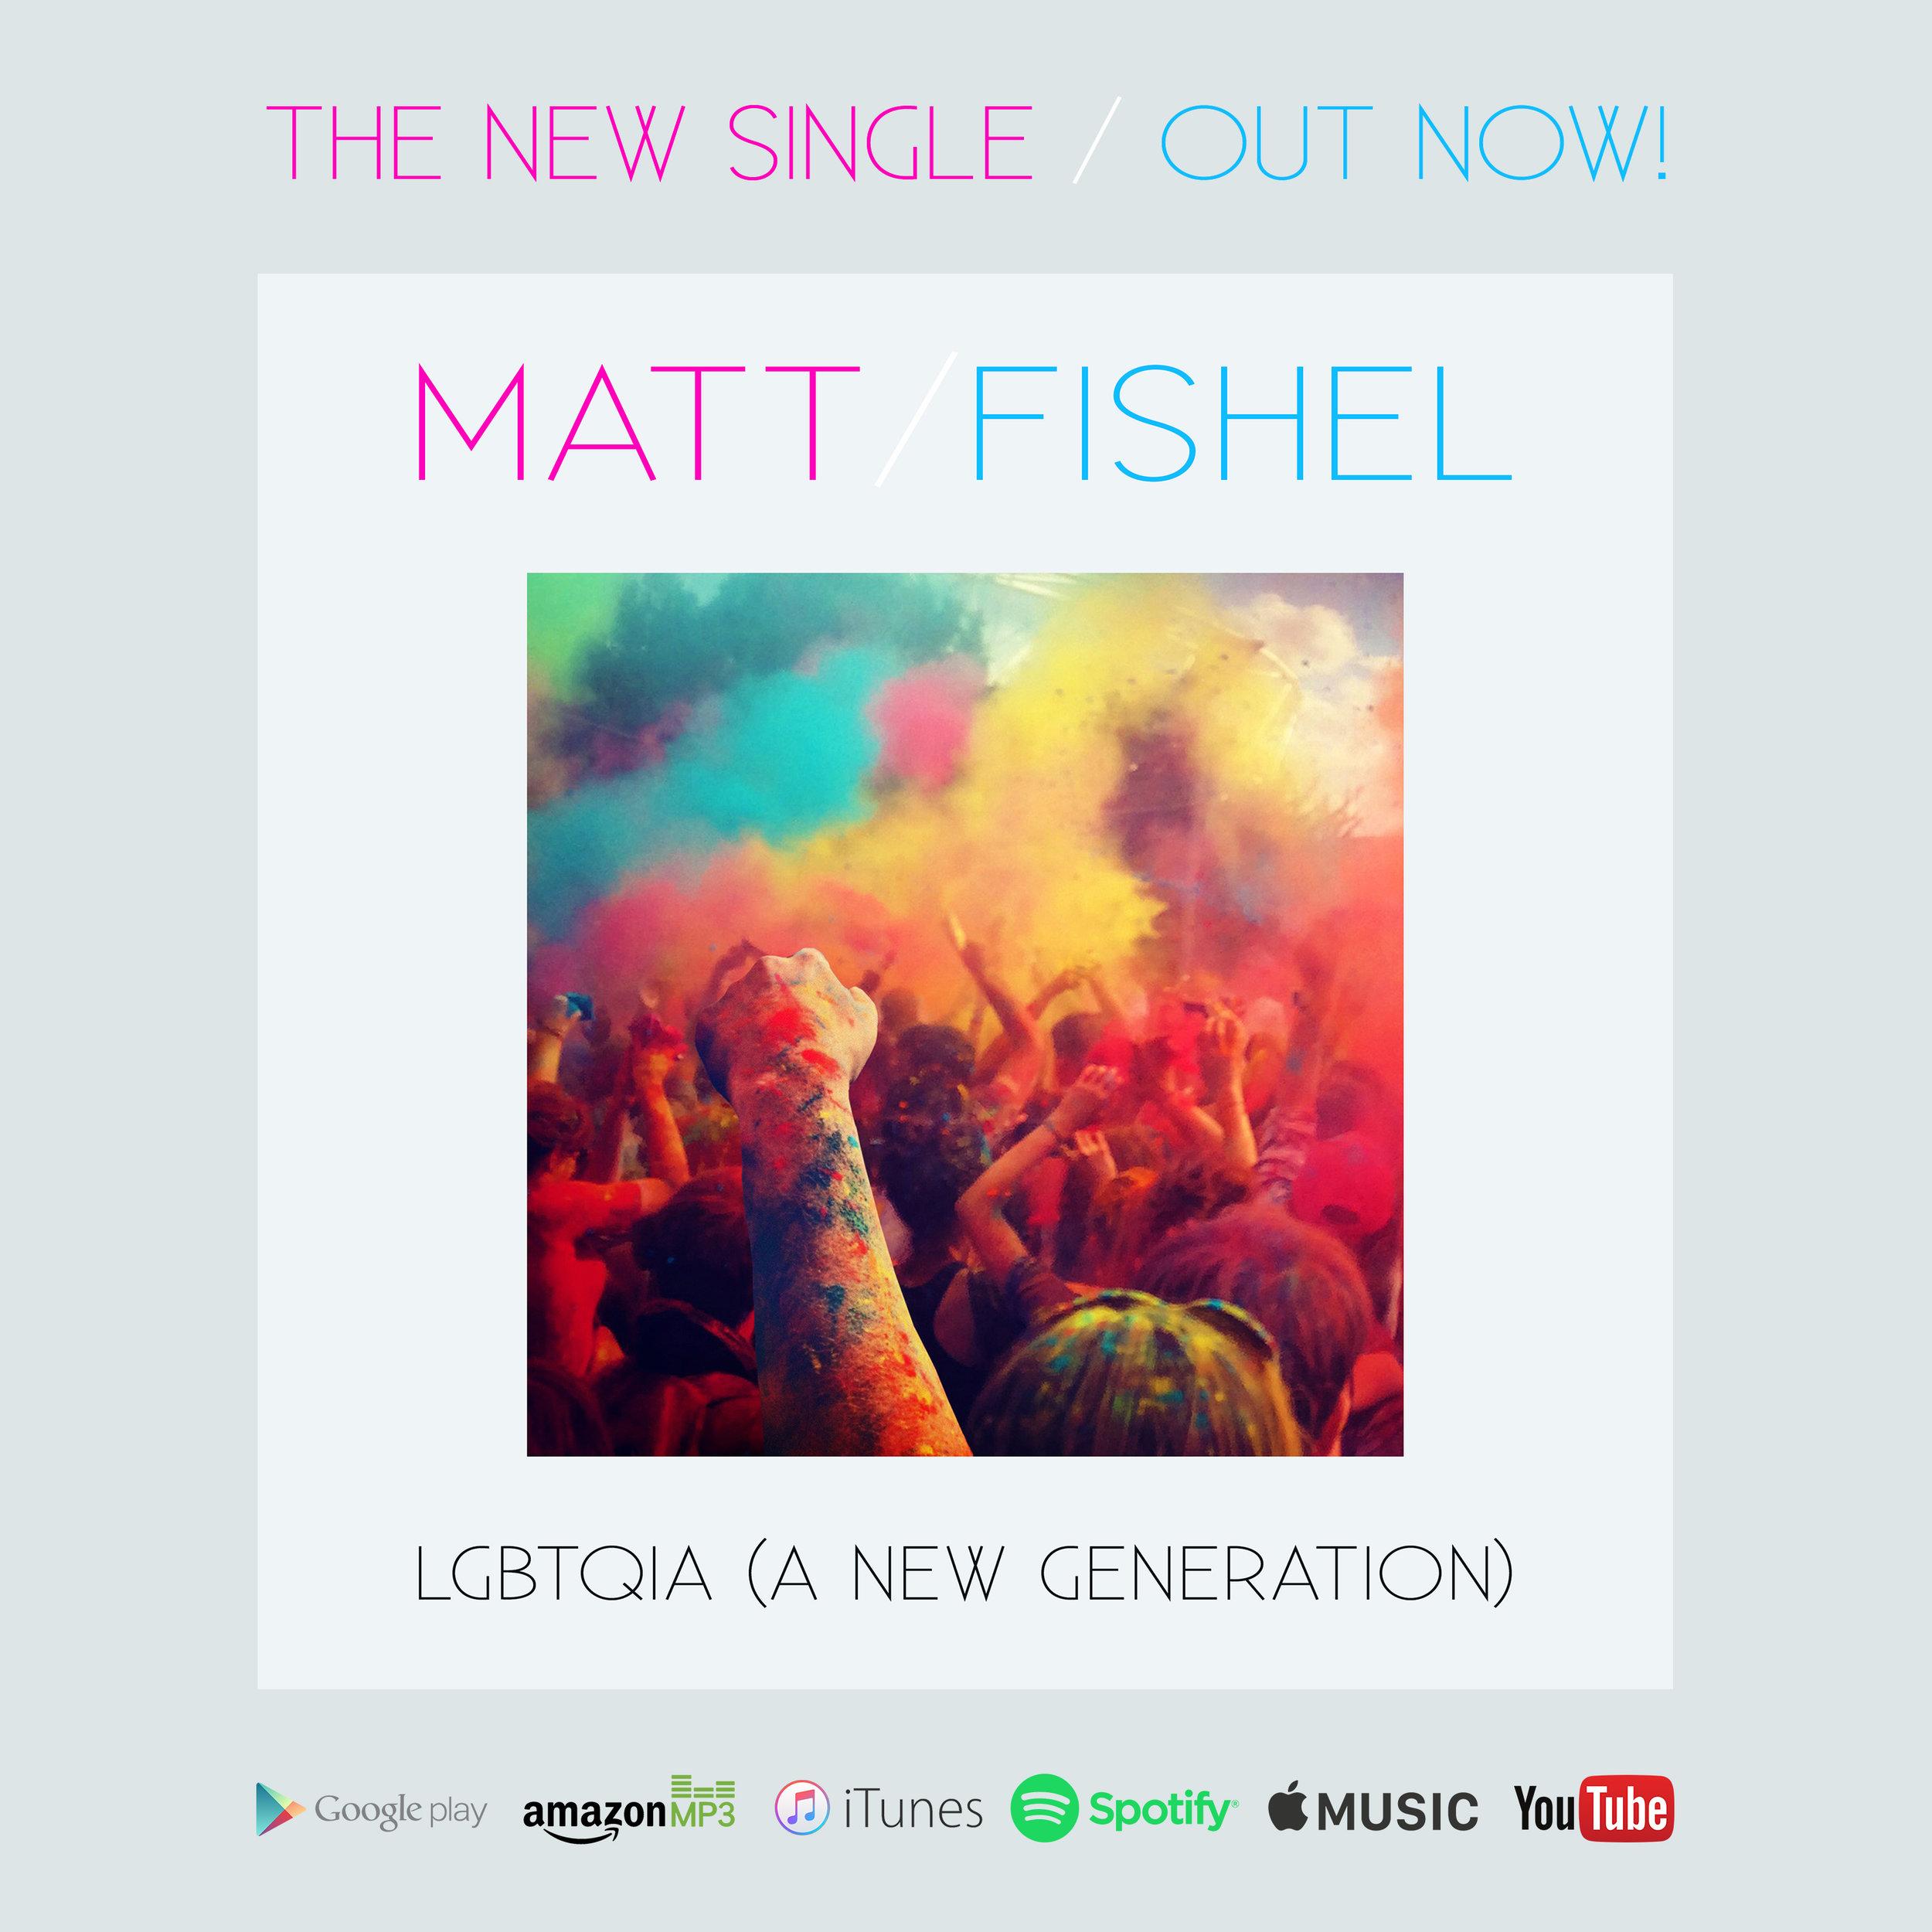 LGBTQIA (A New Generation) 15.jpg